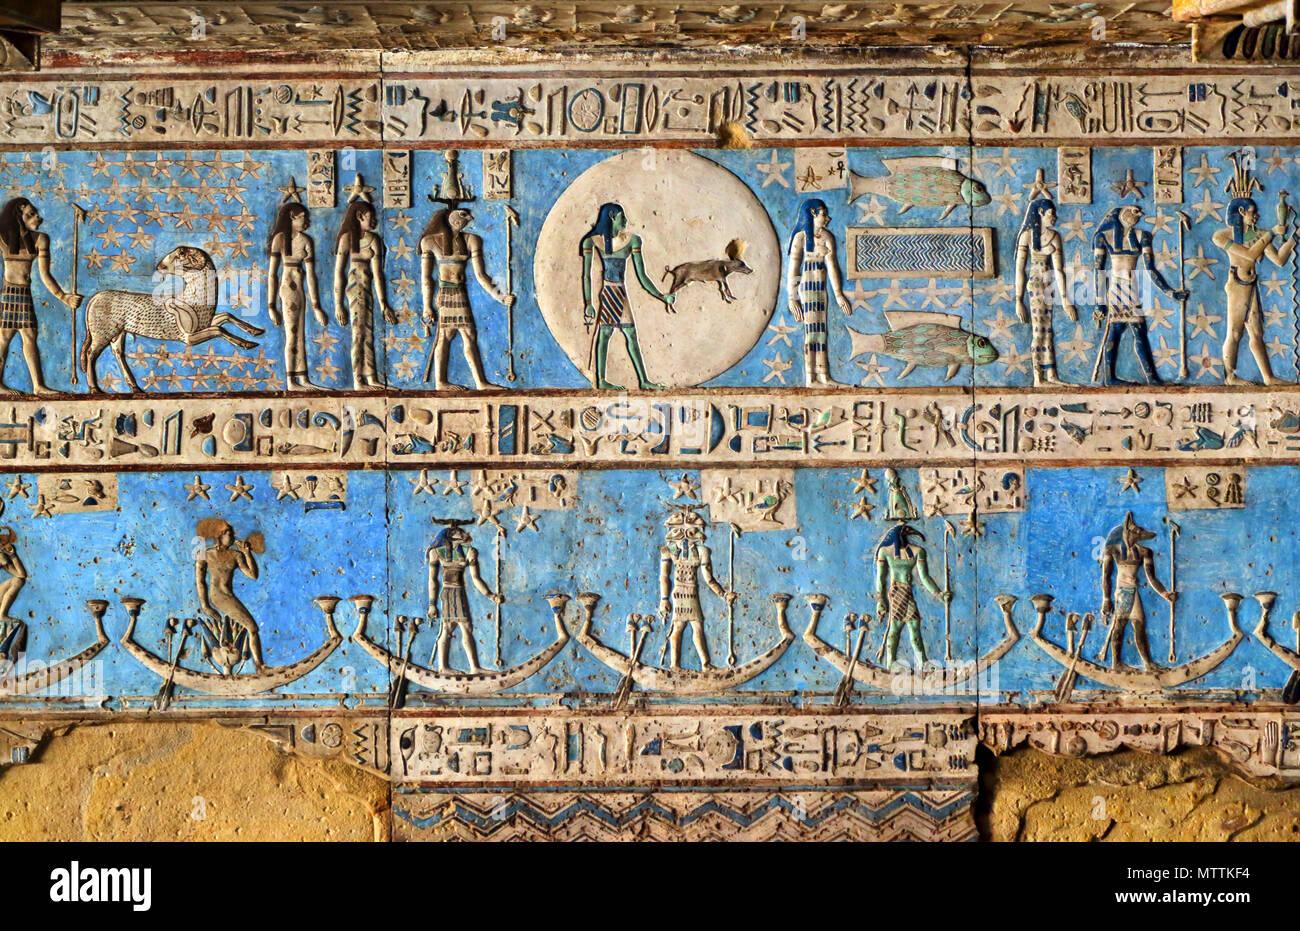 Alte Antike Original Agyptische Malerei Papyrus Pergament